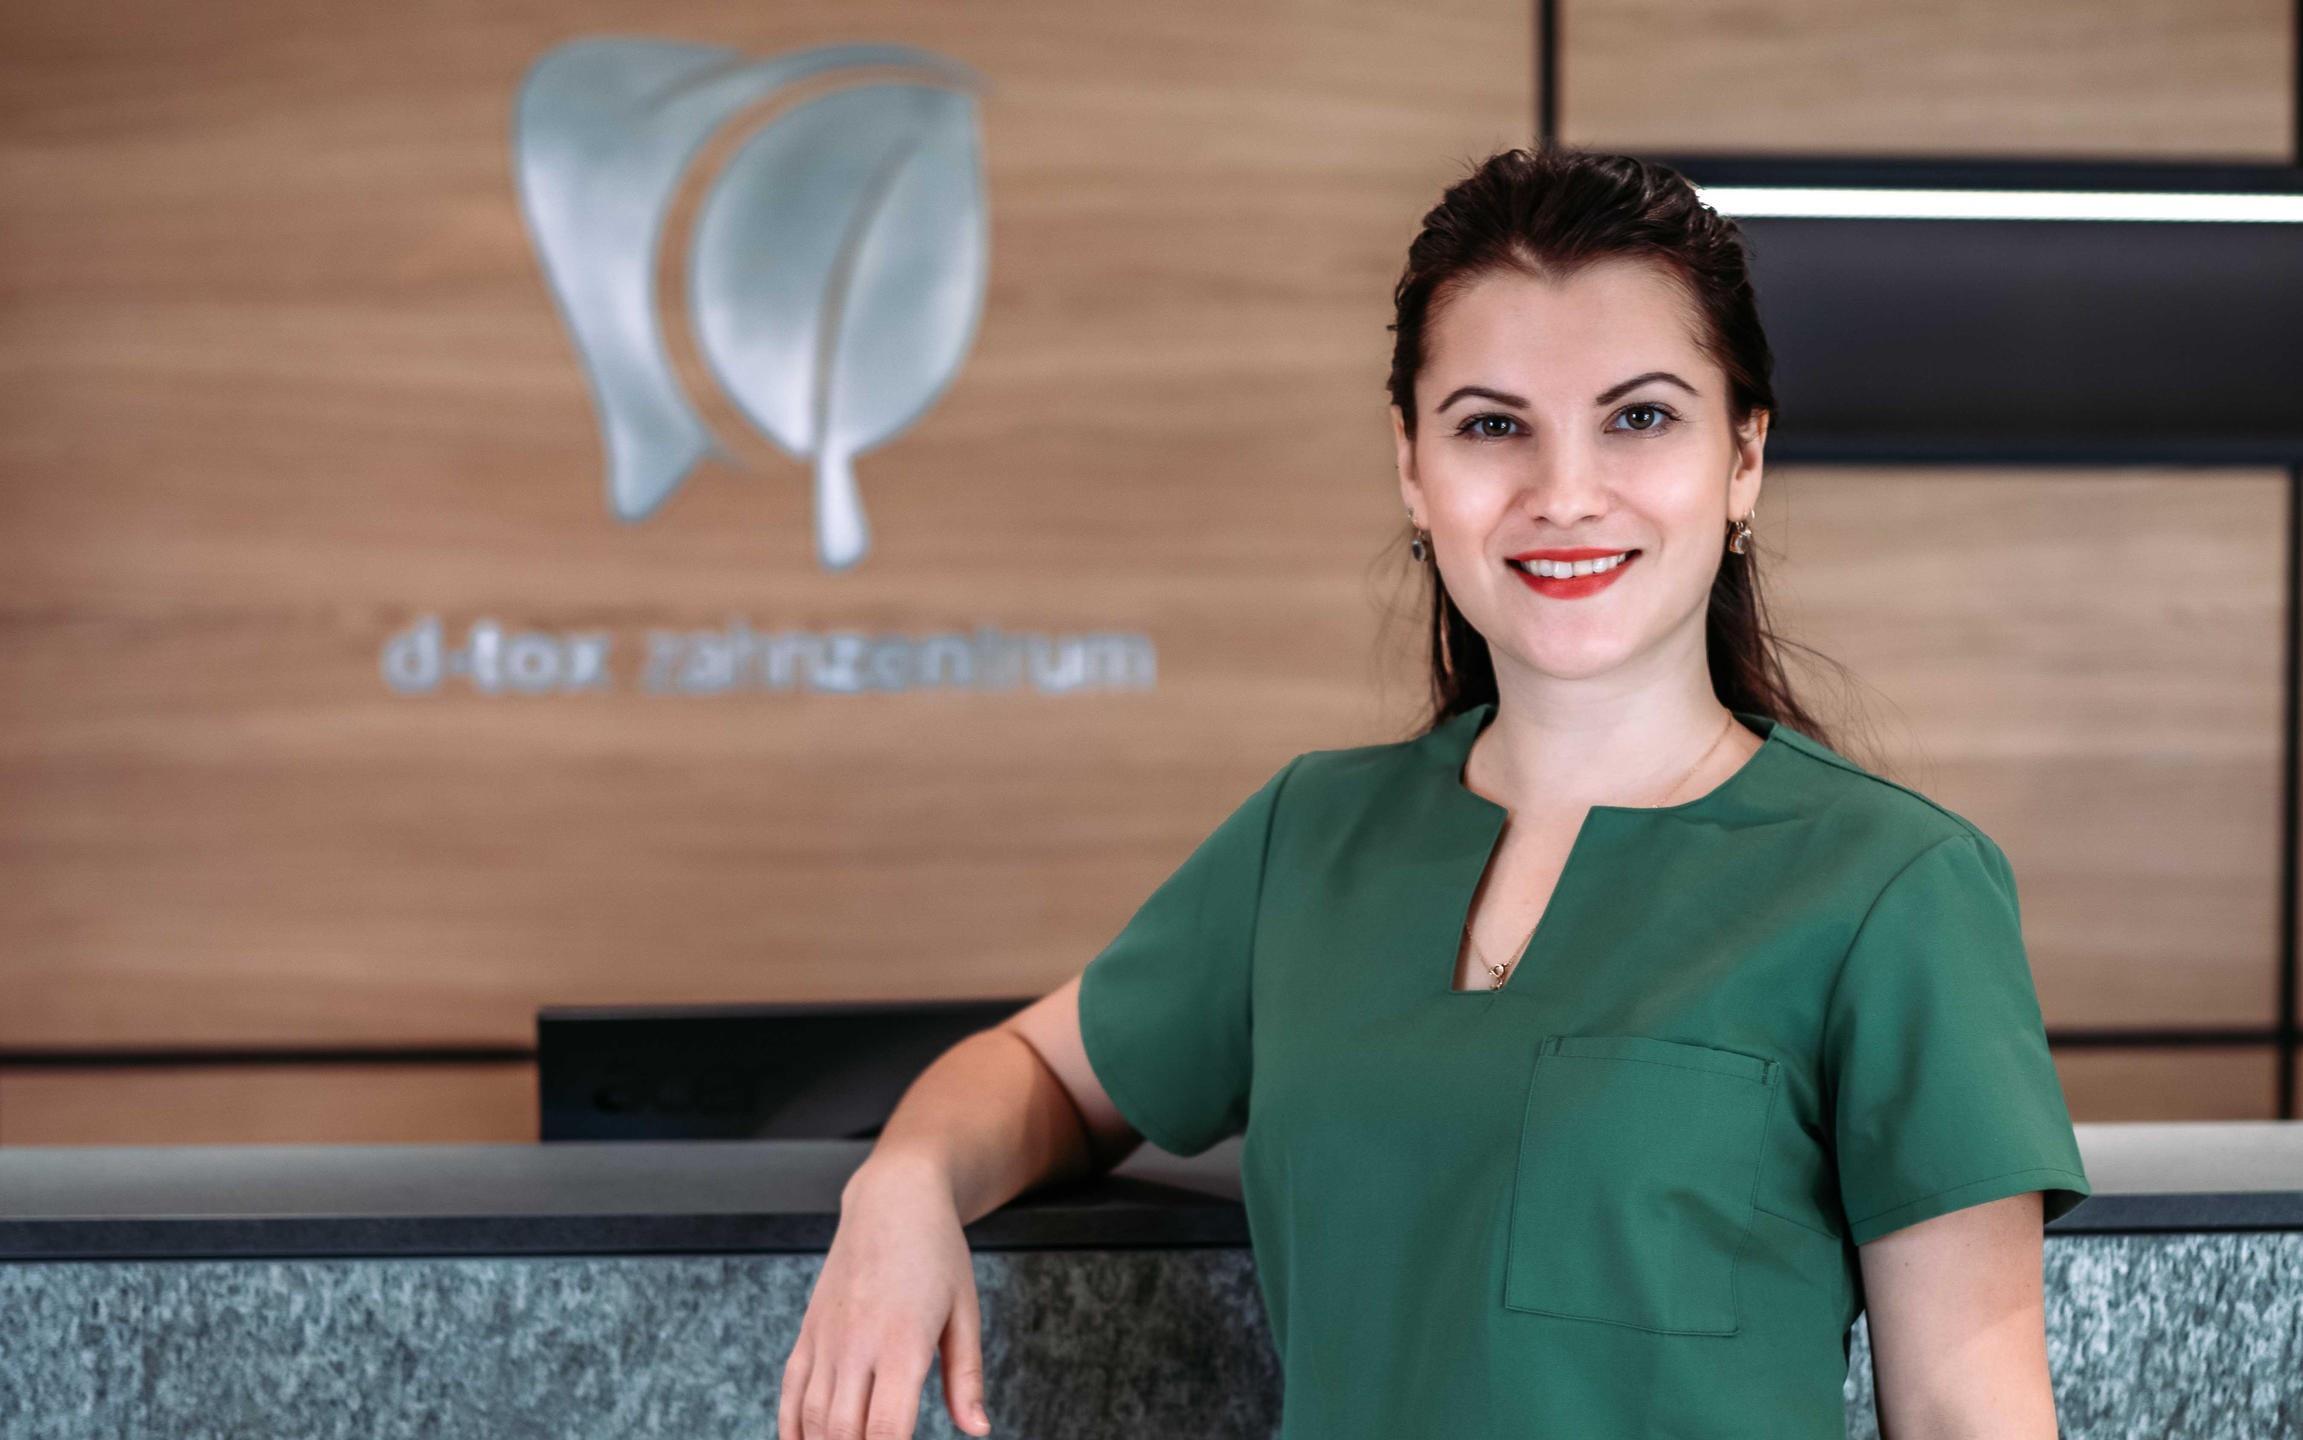 Julija Henke - Zahnmedizinische Fachangestellte im D-tox Zahnzentrum für Biologische Zahnmedizin